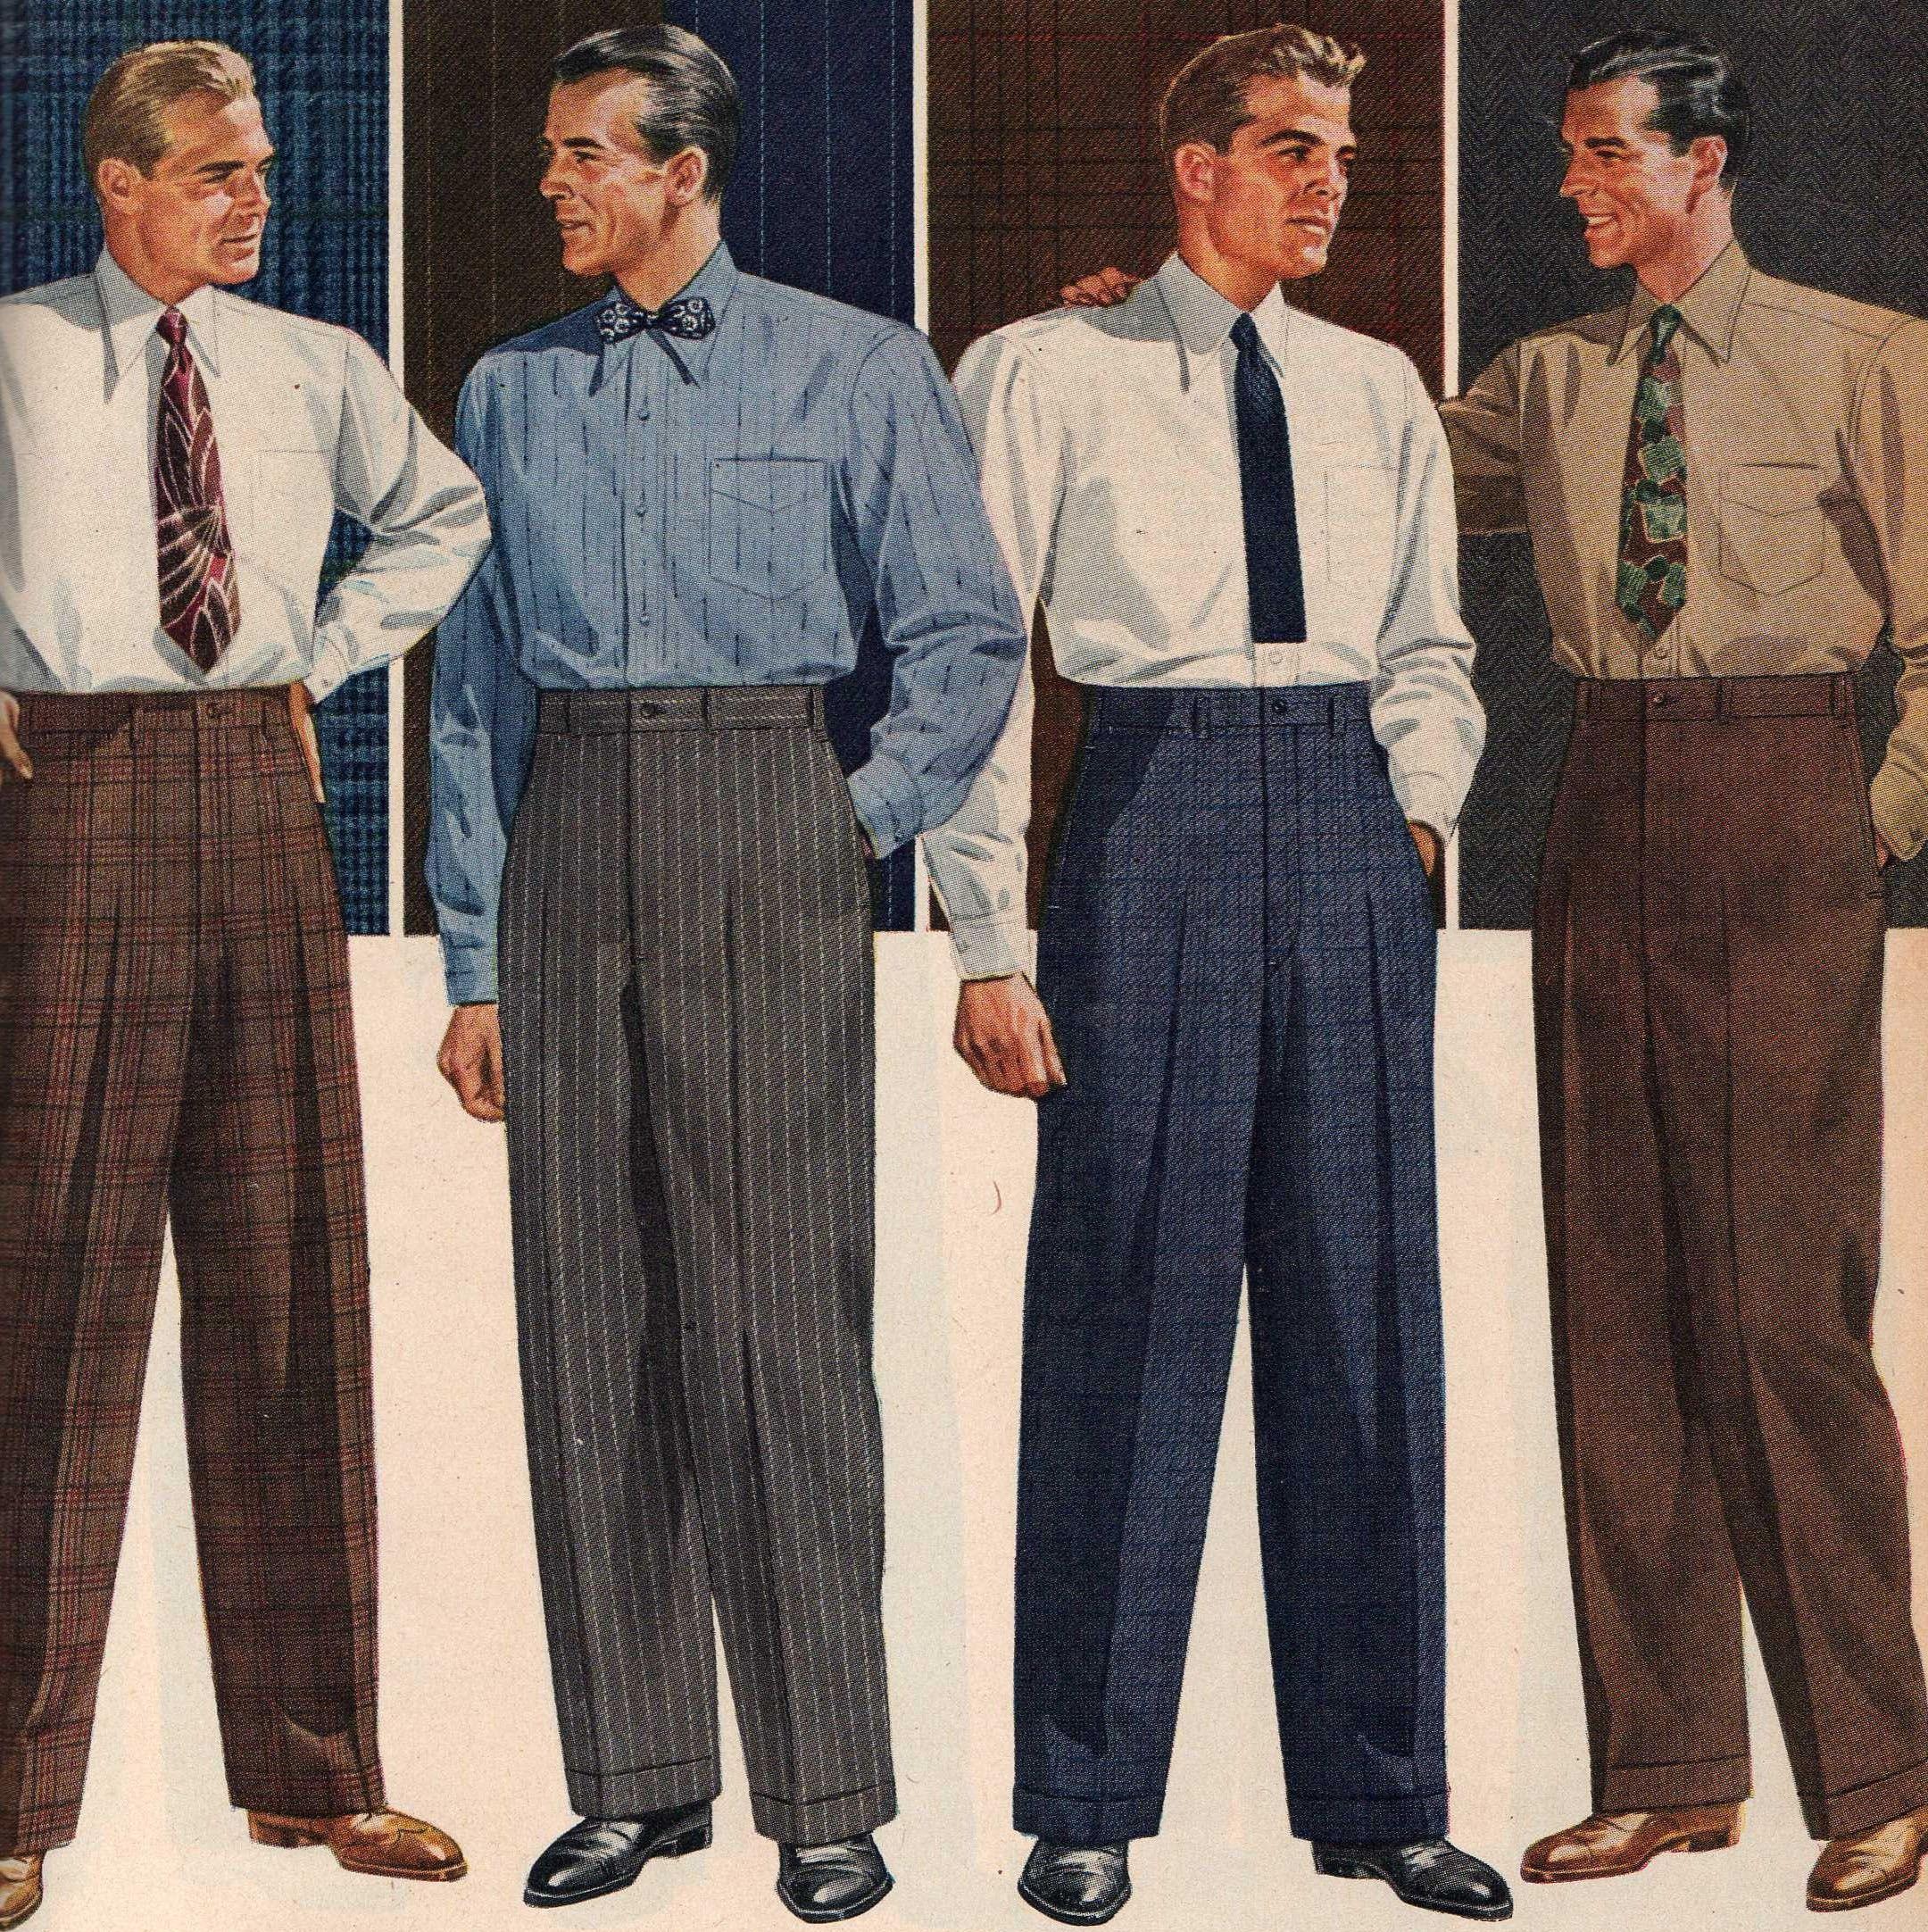 1950s Men Fashion Suspenders - All New Fashion | Menswear ...